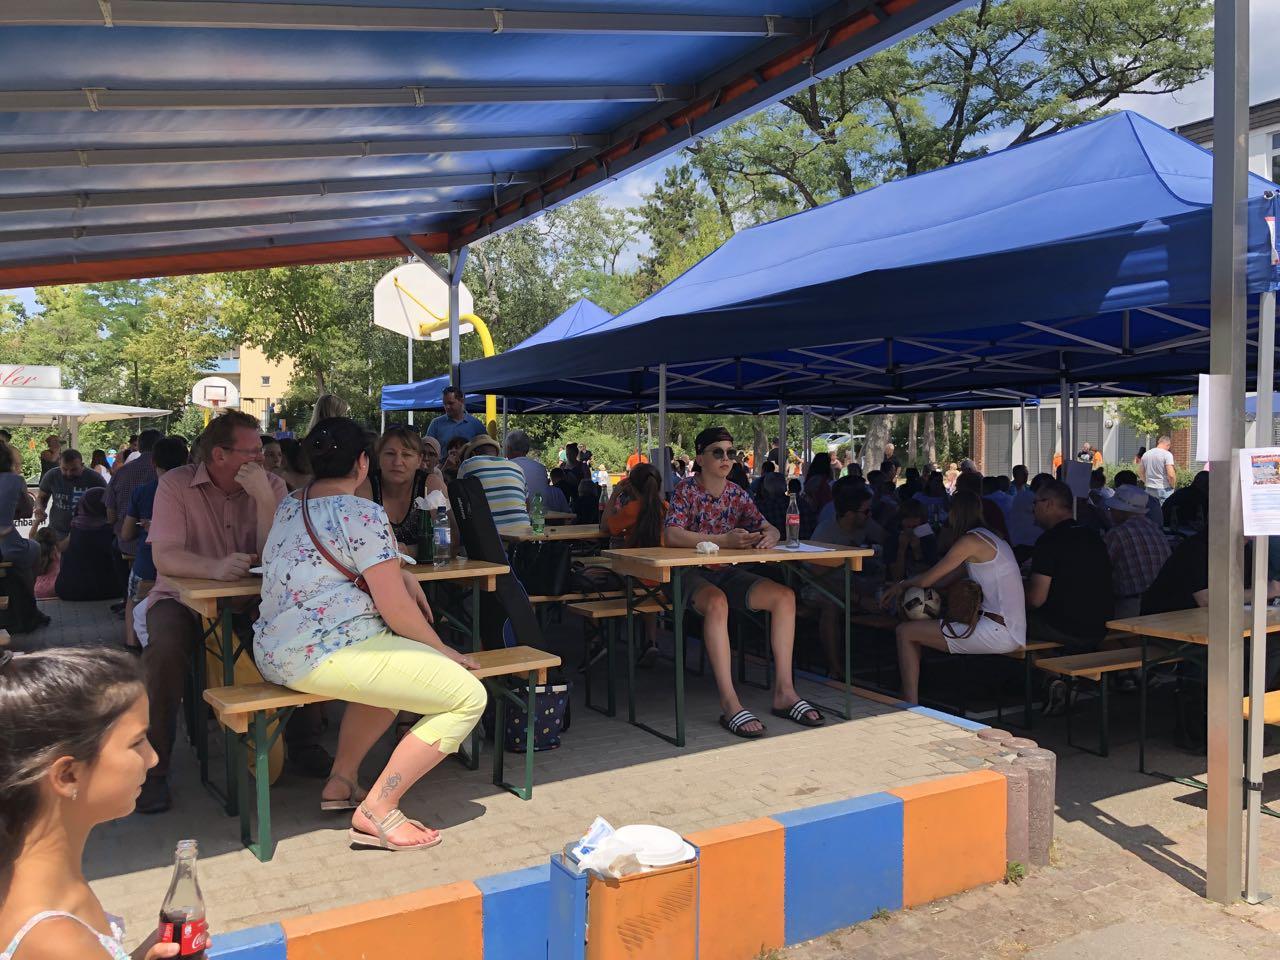 2019-07-06_Sommerfest_14.jpg